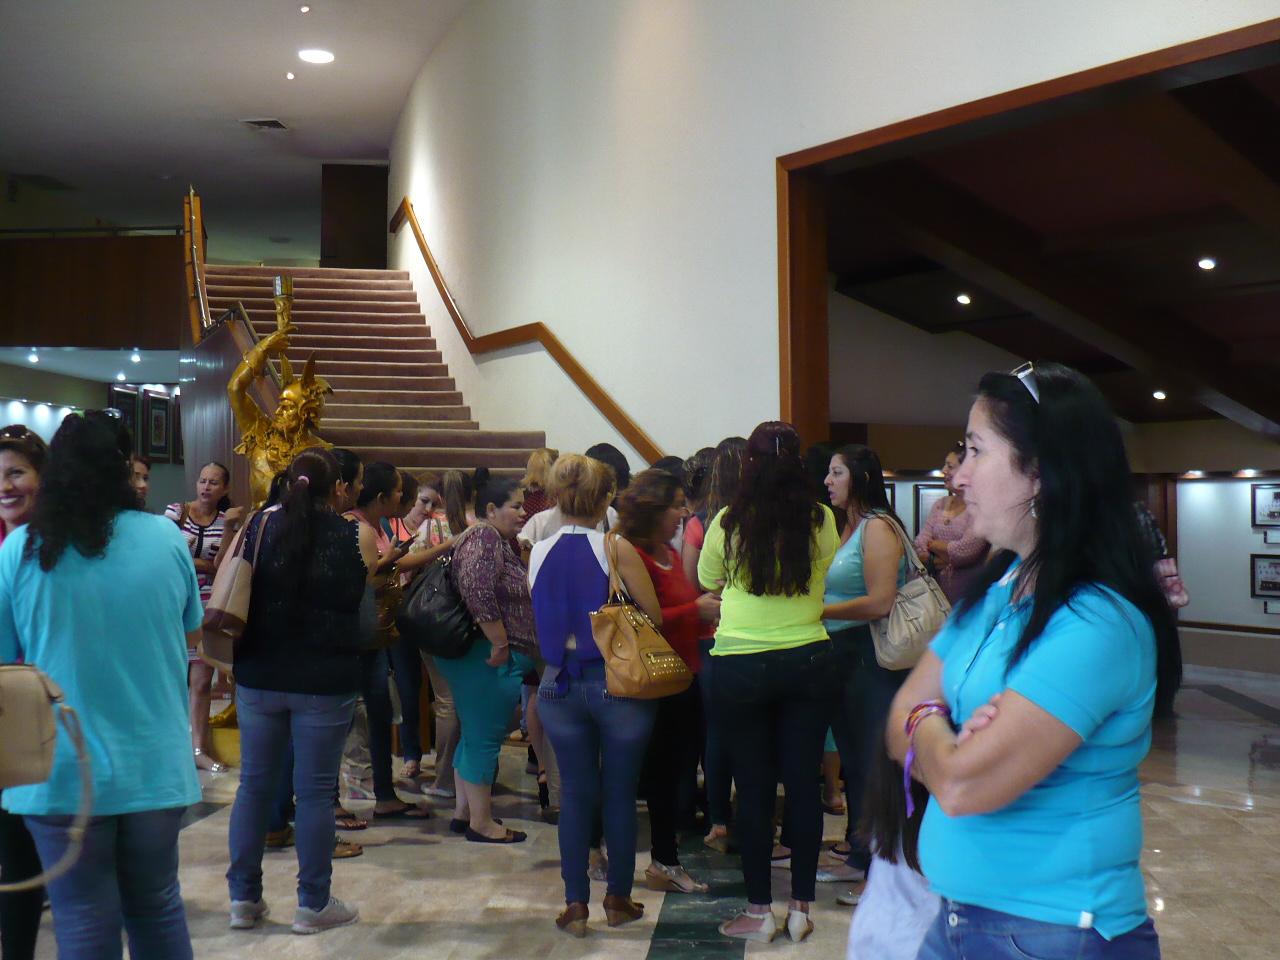 Aseguran que las autoridades han respondido después de las manifestaciones. Fotografía: Gabriela Sánchez